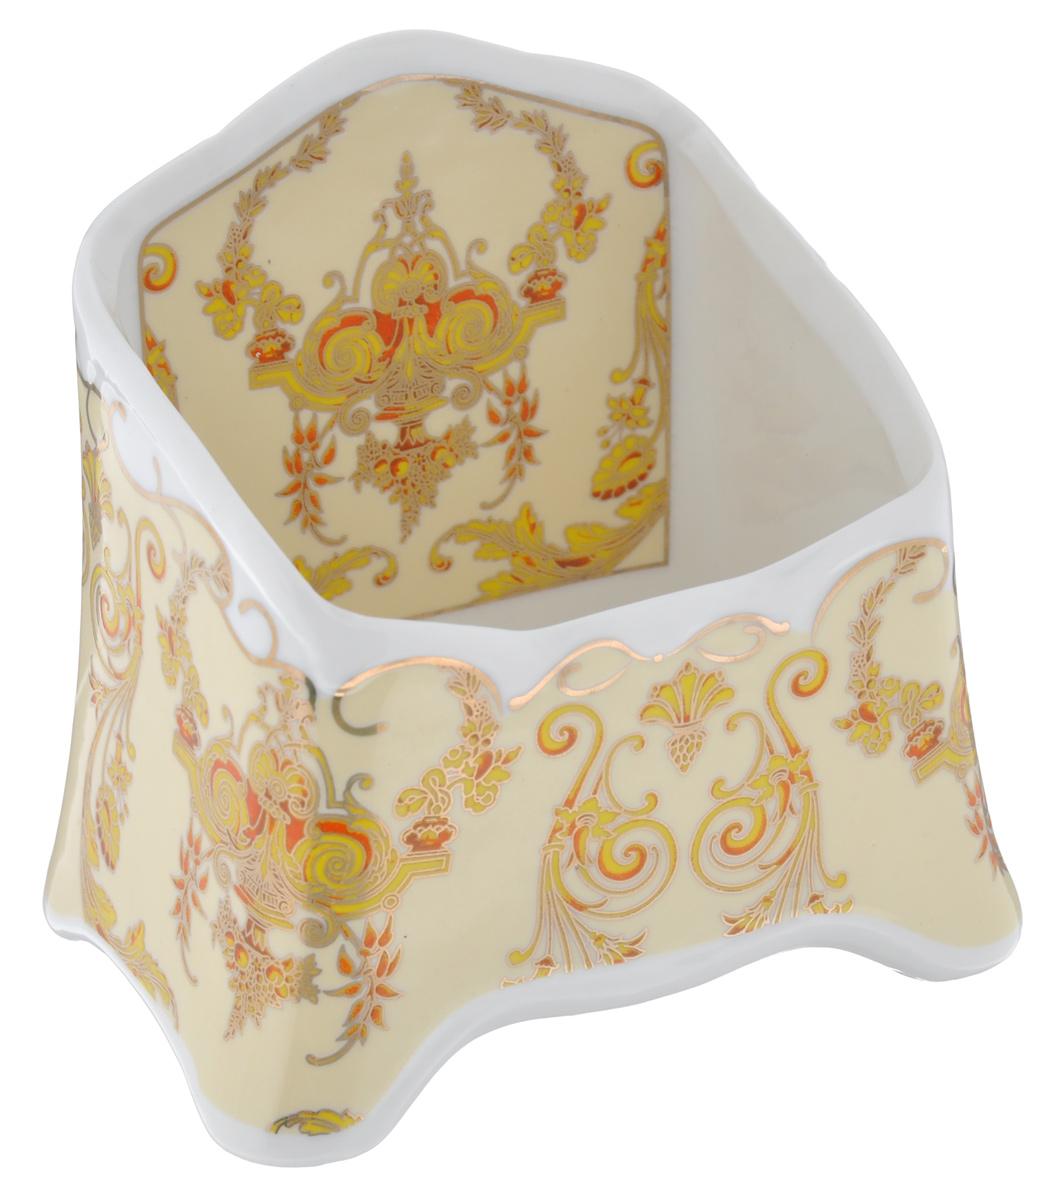 Подставка сервировочная для чайных пакетиков Elan Gallery Узоры, цвет: белый, желтый, золотистый, 10,5 х 7 х 10,5 см503967Сервировочная подставка для чайных пакетиков Elan Gallery Узоры, изготовленная из высококачественной керамики, порадует вас оригинальностью и дизайном. Изделие декорировано цветочными узорами и имеет изысканный внешний вид. Такая подставка, несомненно, понравится любой хозяйке и украсит интерьер любой кухни!